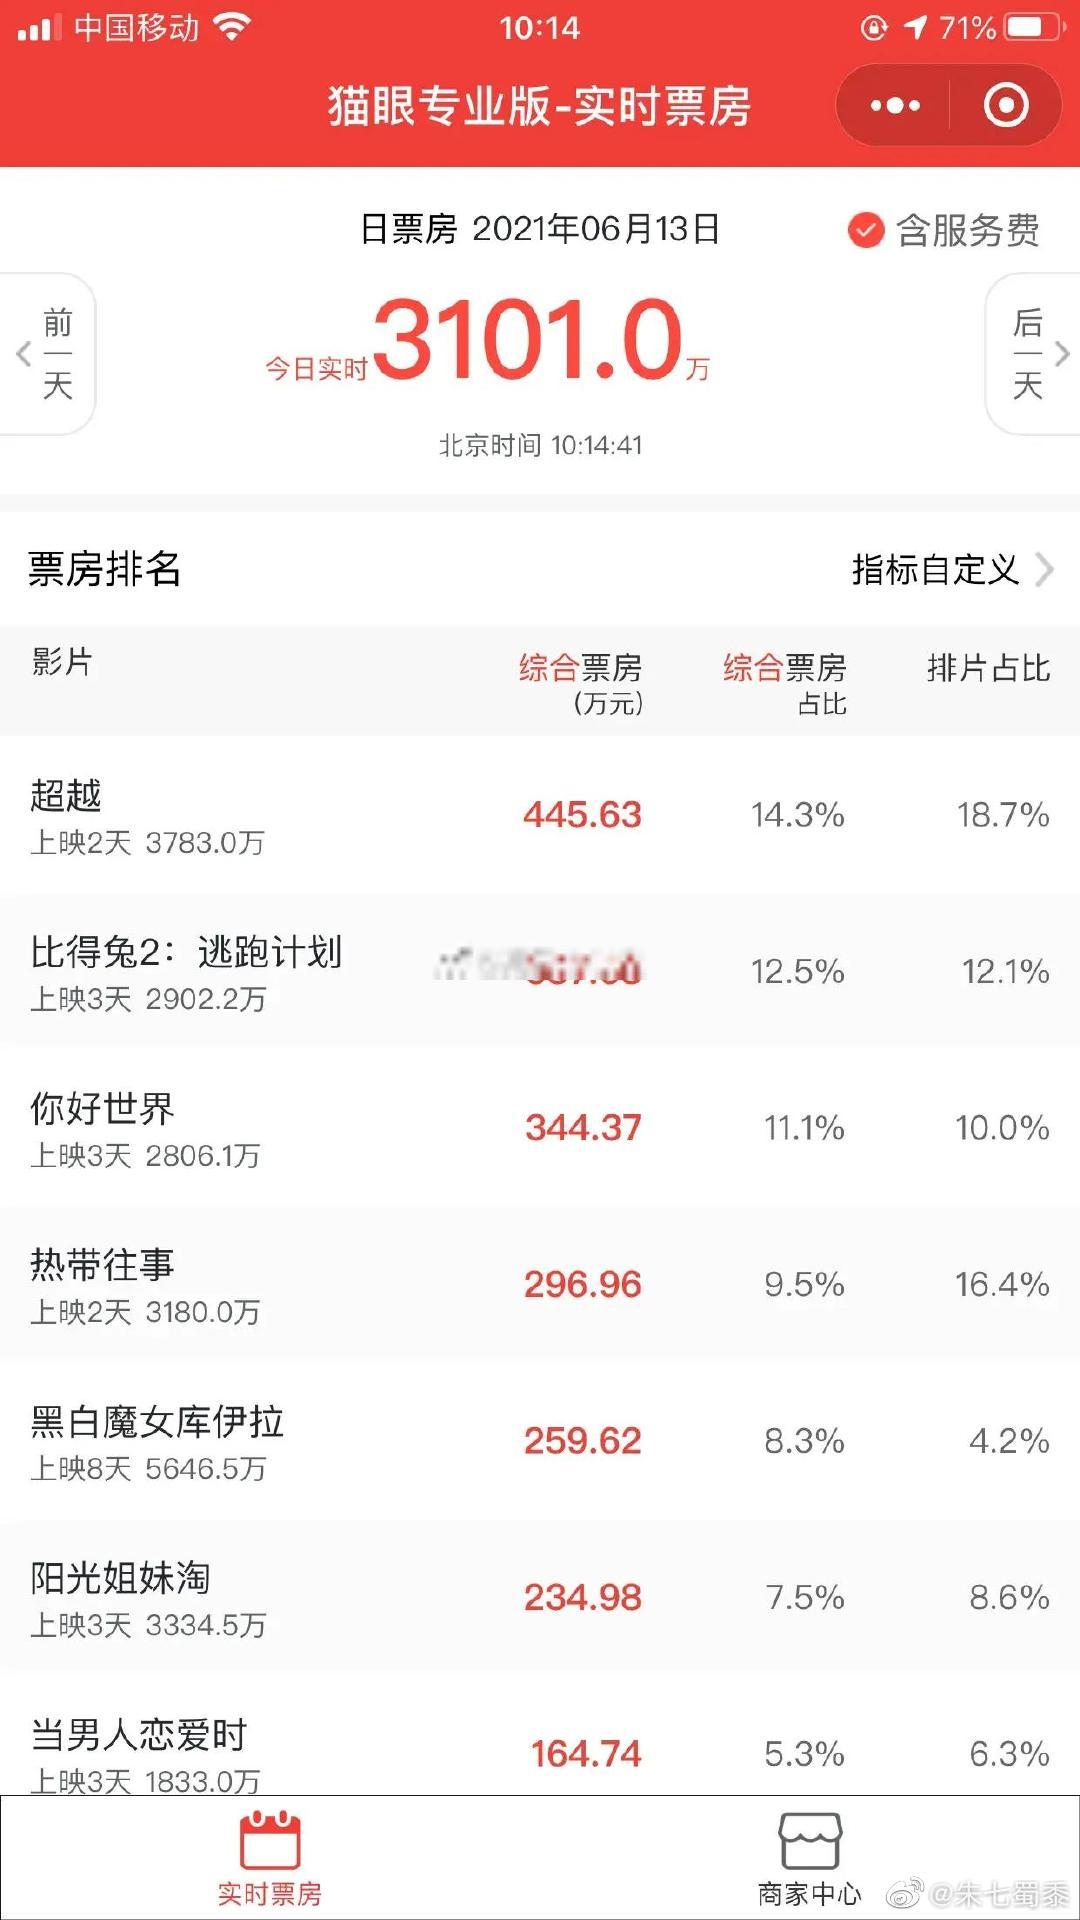 影视资讯郑恺新片《超越》已经赢了